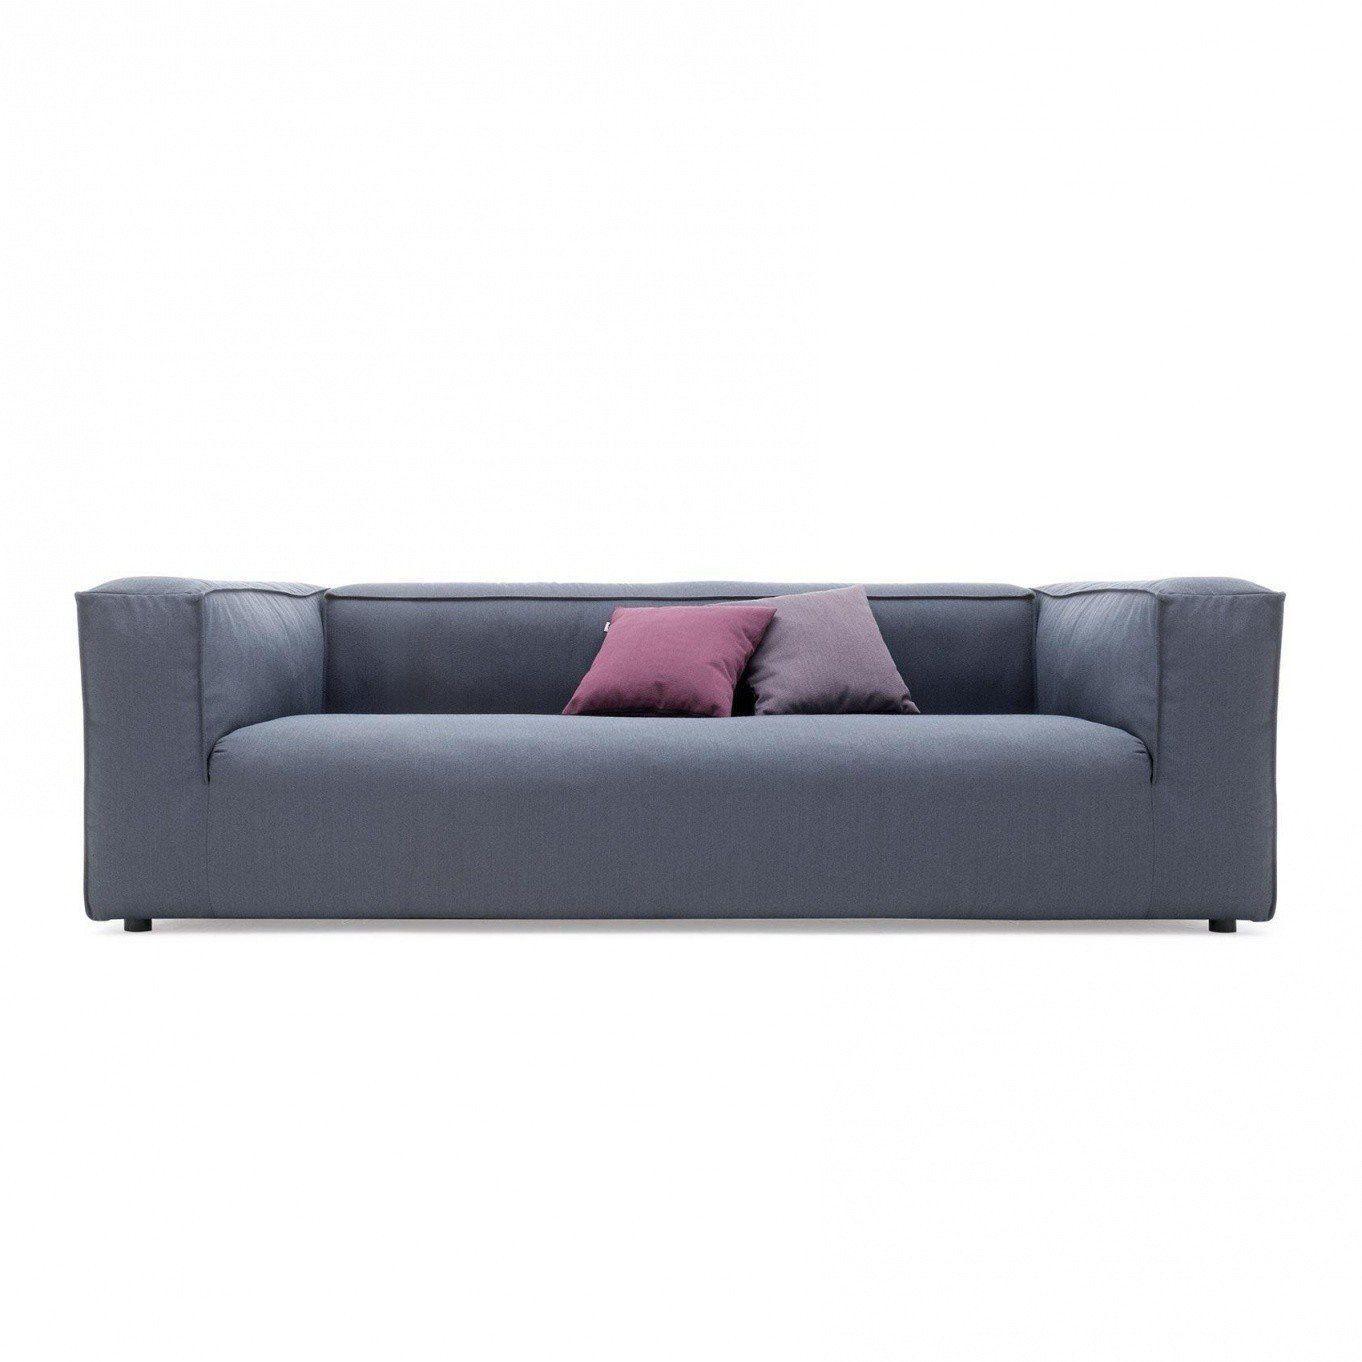 freistil rolf benz freistil 175 3 seater sofa ambientedirect. Black Bedroom Furniture Sets. Home Design Ideas